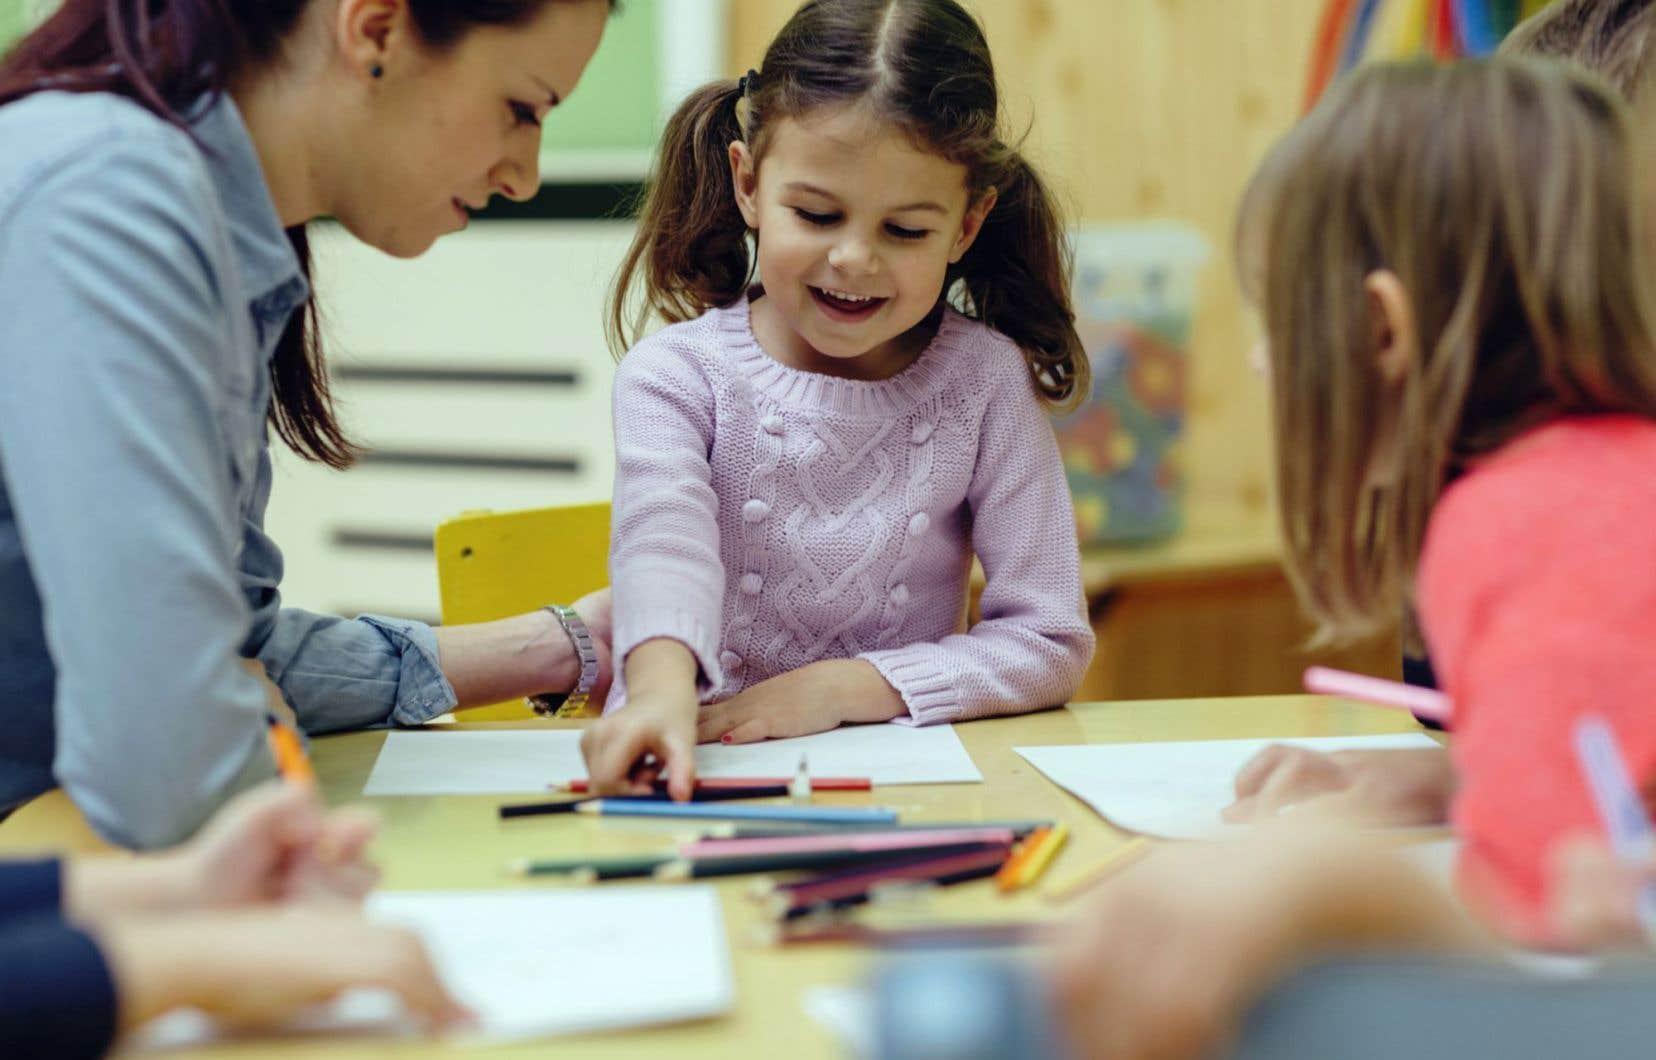 Il serait pertinent que Québec explore la possibilité d'offrir des services d'ergothérapie dans toutes les écoles du Québec, selon Emmanuelle Jasmin.